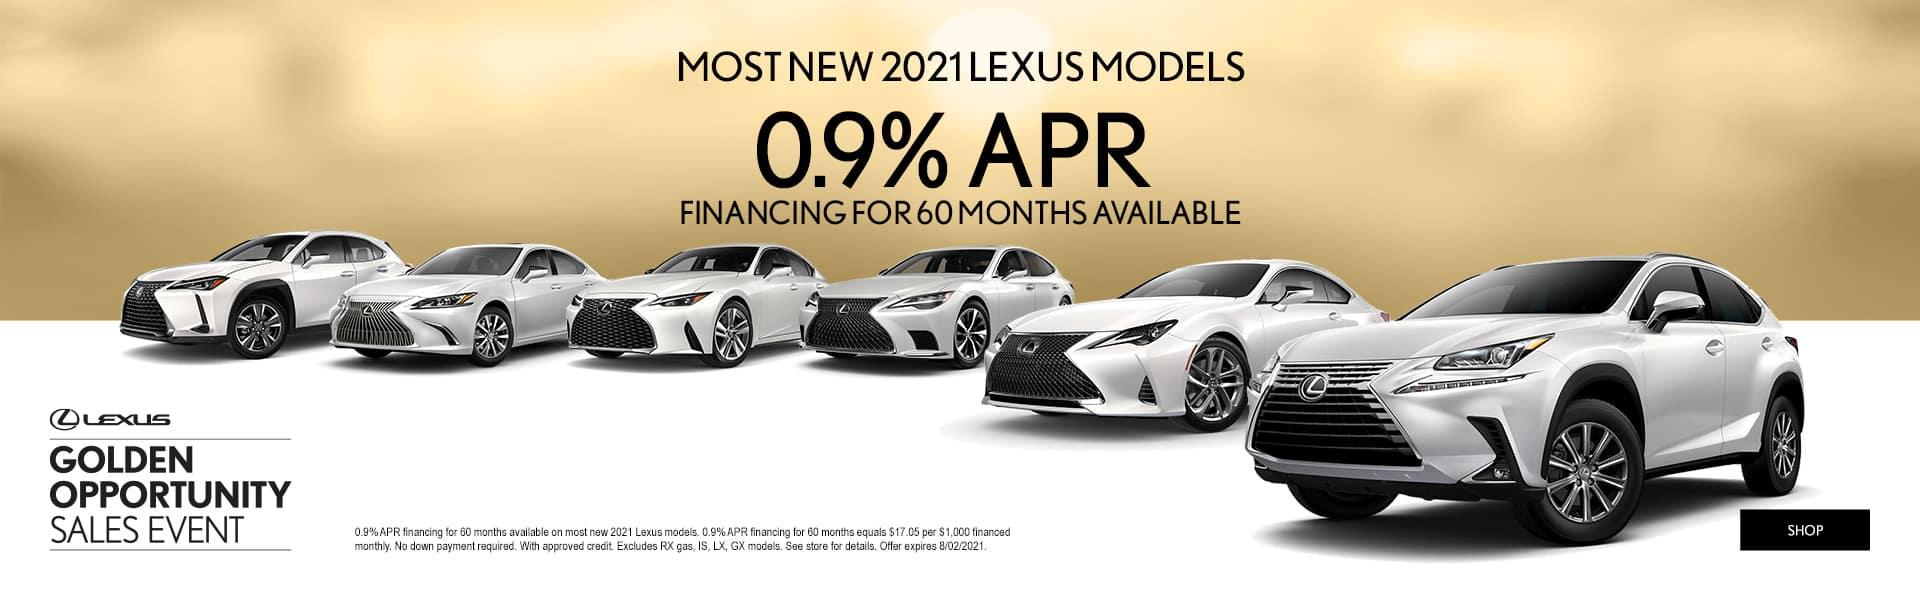 Lexus-Golden-Opportunity-Sales-Event(1920x600)